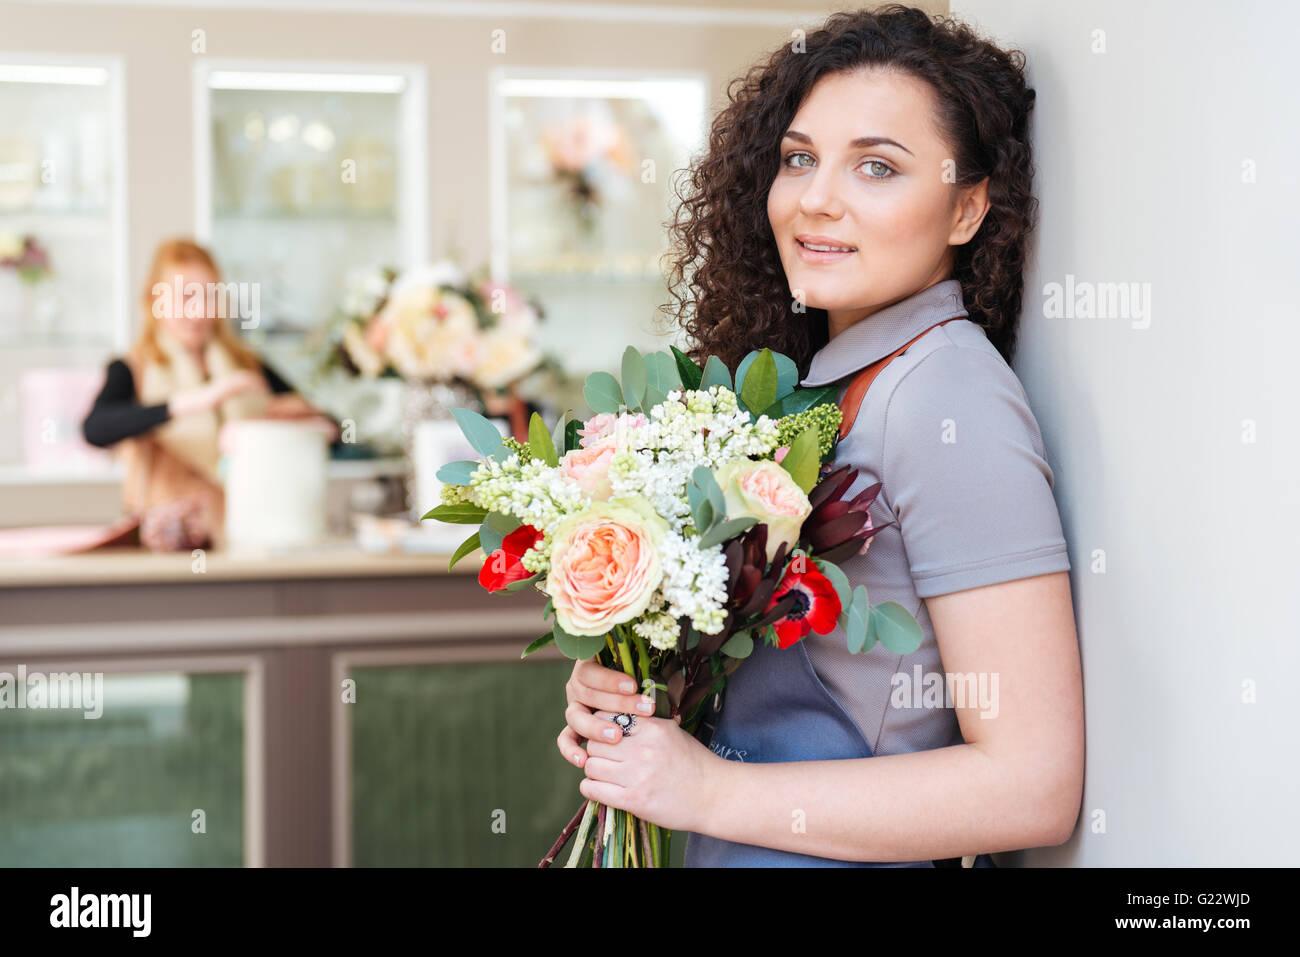 Porträt von Floristen gerne hübsche junge Frau mit Blumenstrauß im Blumenladen Stockbild